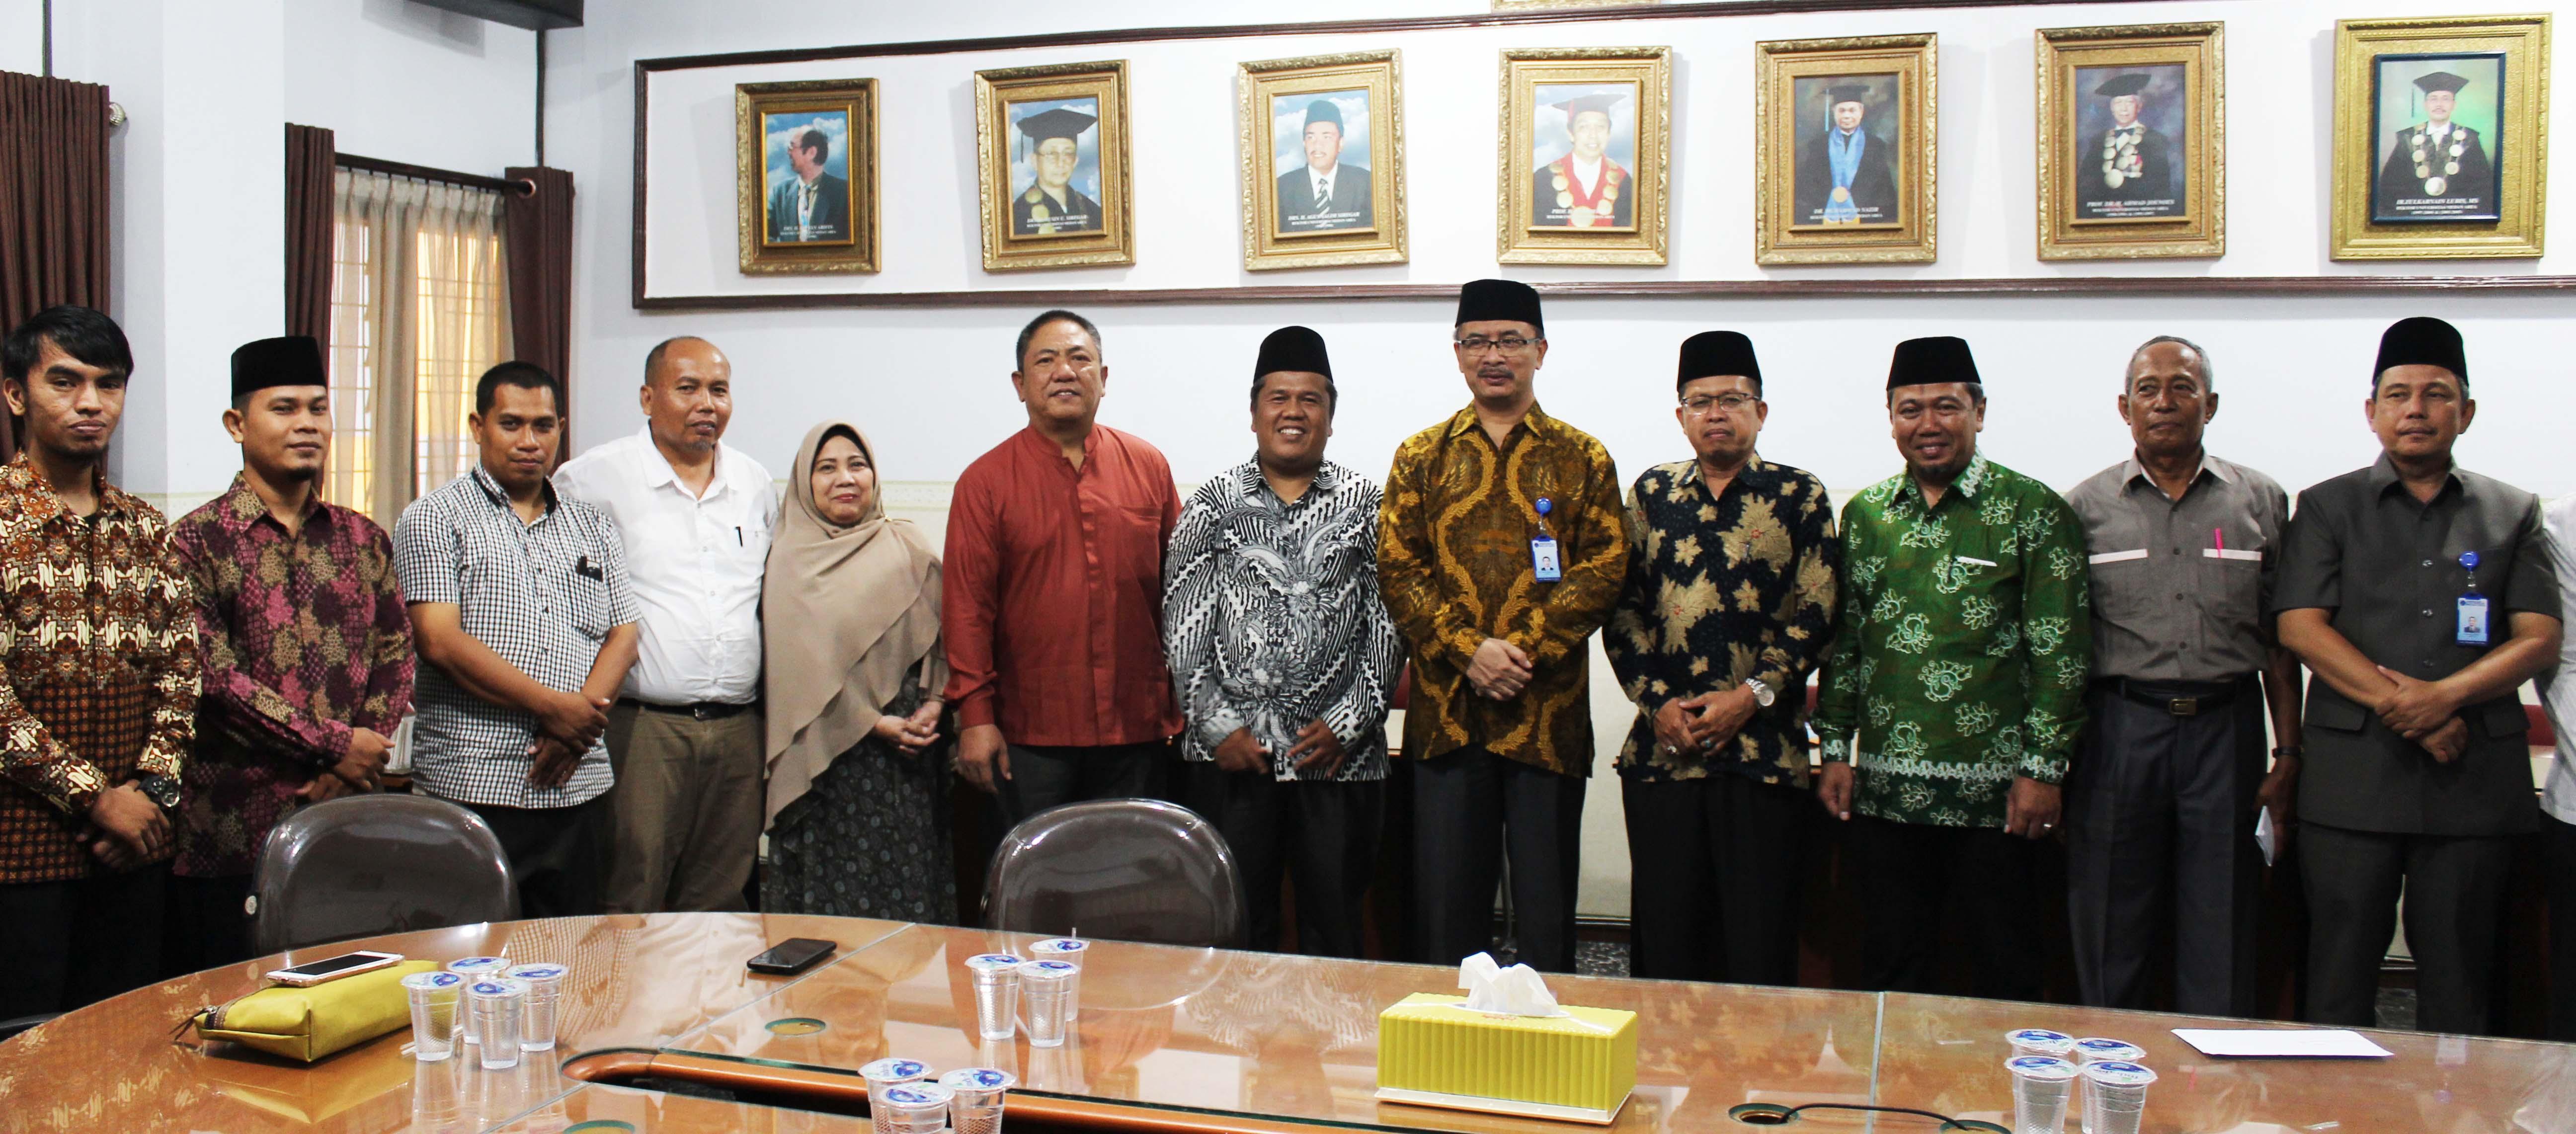 foto-bersama-pelantikan-ketua-bkm-mesjid-taqwa-uma1.JPG